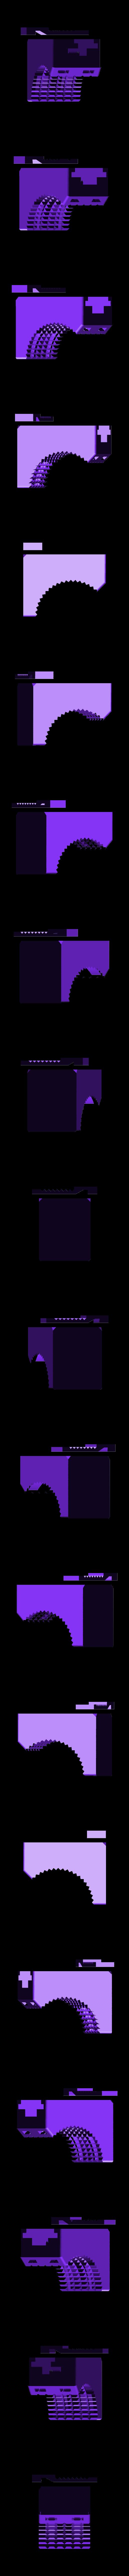 33mm_snapfit_handle_base_remix.stl Télécharger fichier STL gratuit poignée encliquetable pour montage sur barre (moletée, 22mm-34mm) • Objet imprimable en 3D, CyberCyclist